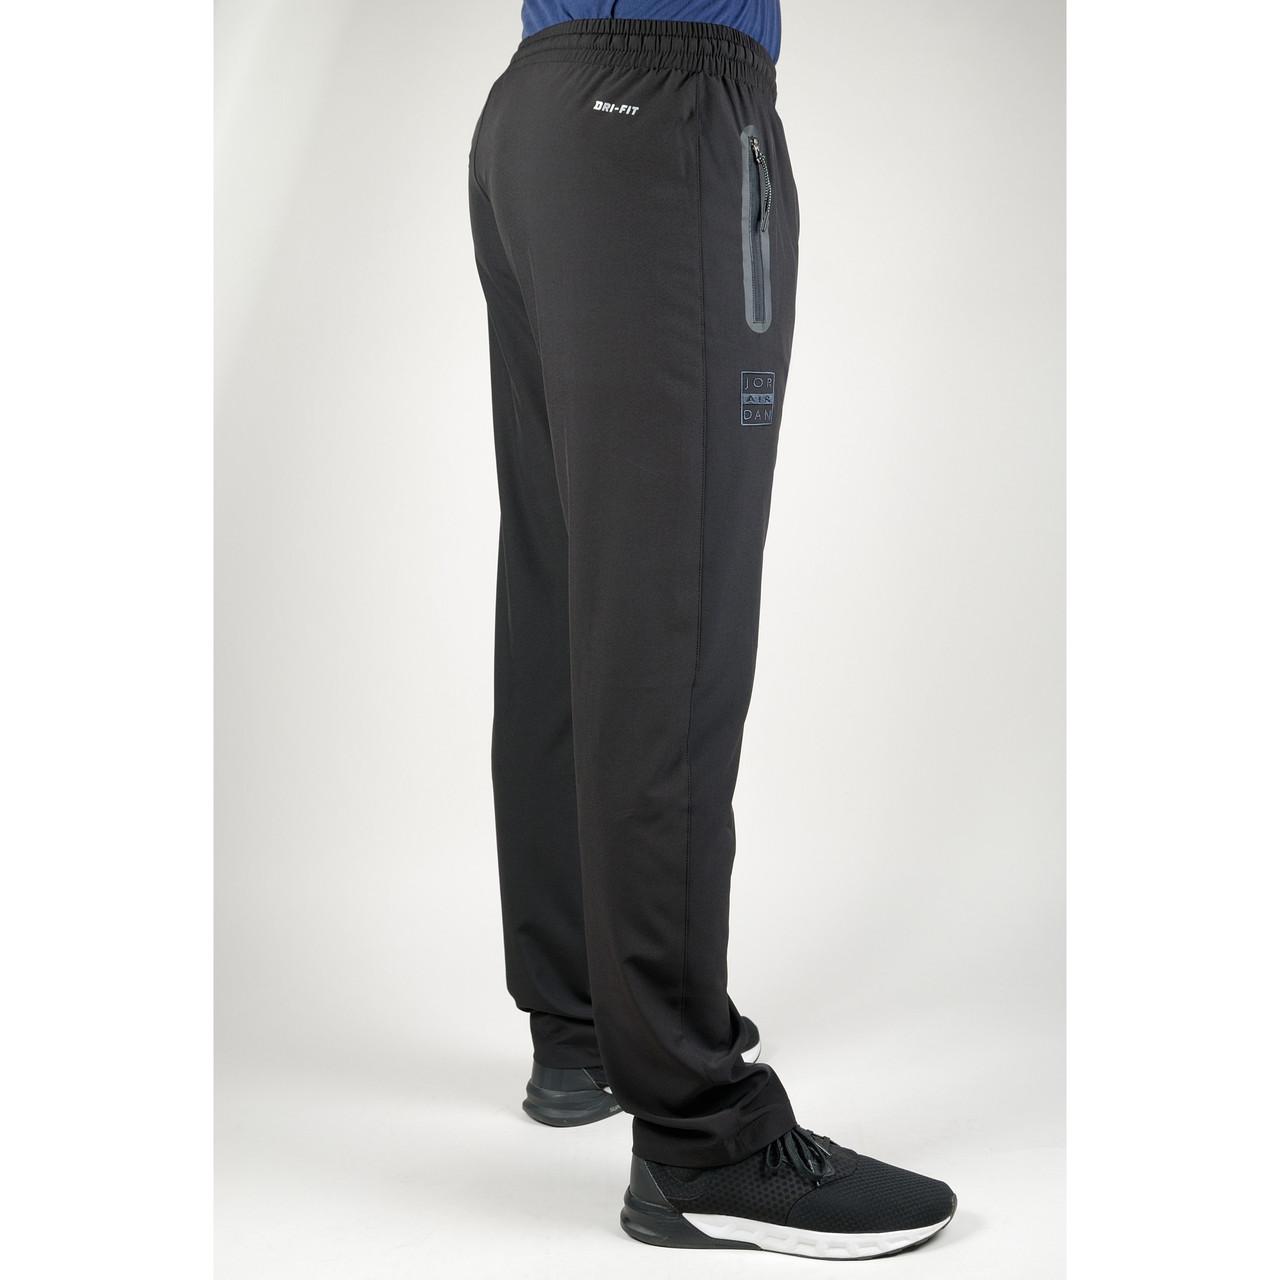 13664d49 Спортивные штаны NIKE AIR JORDAN 20947 черные - купить по лучшей ...